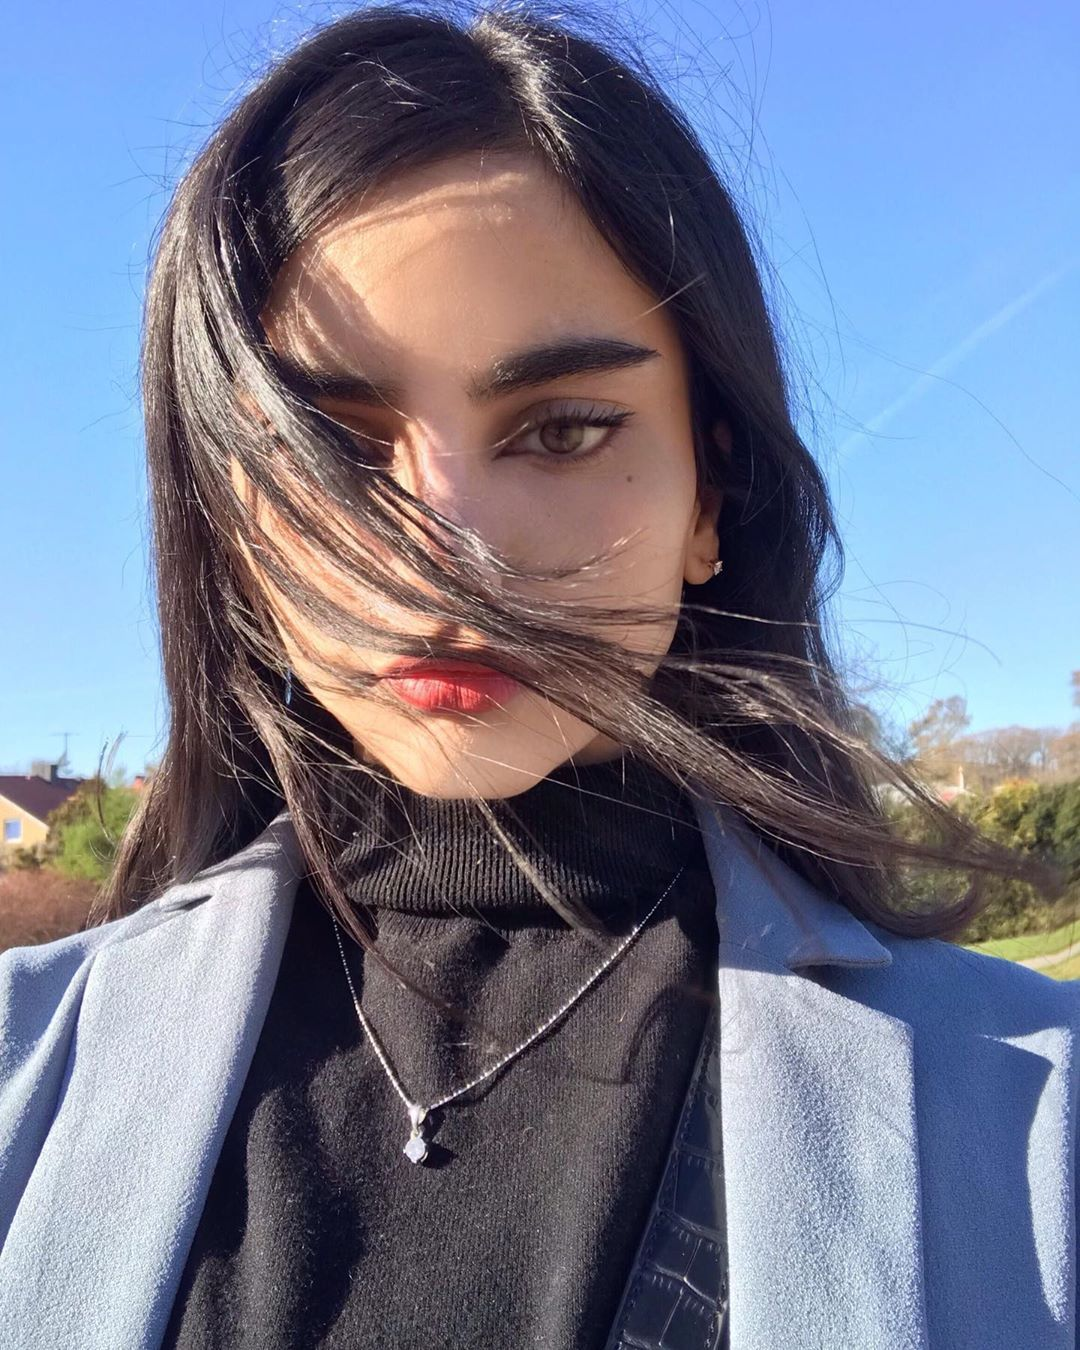 Pin By Lotus On Kuwaiti Women In 2020 Arab Women Women